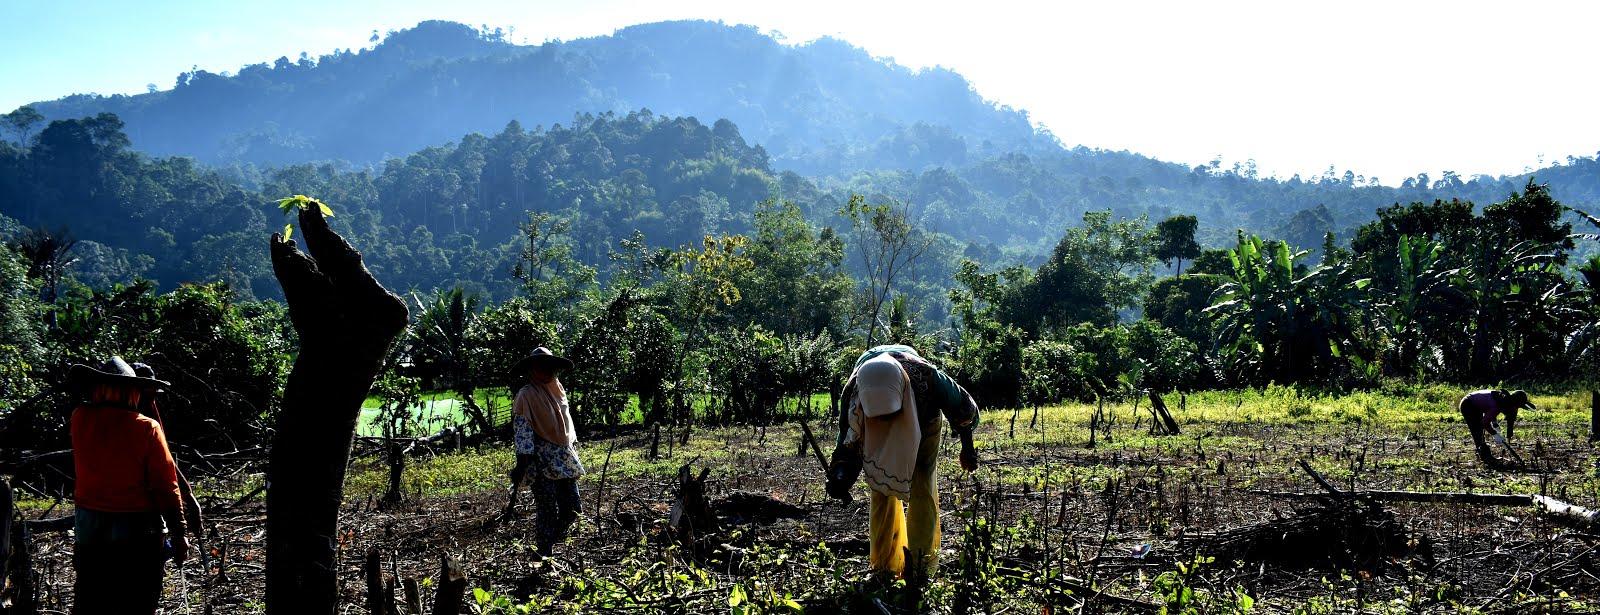 WALHI Bengkulu: Gerakan Penyelamatan Sumber-Sumber Kehidupan